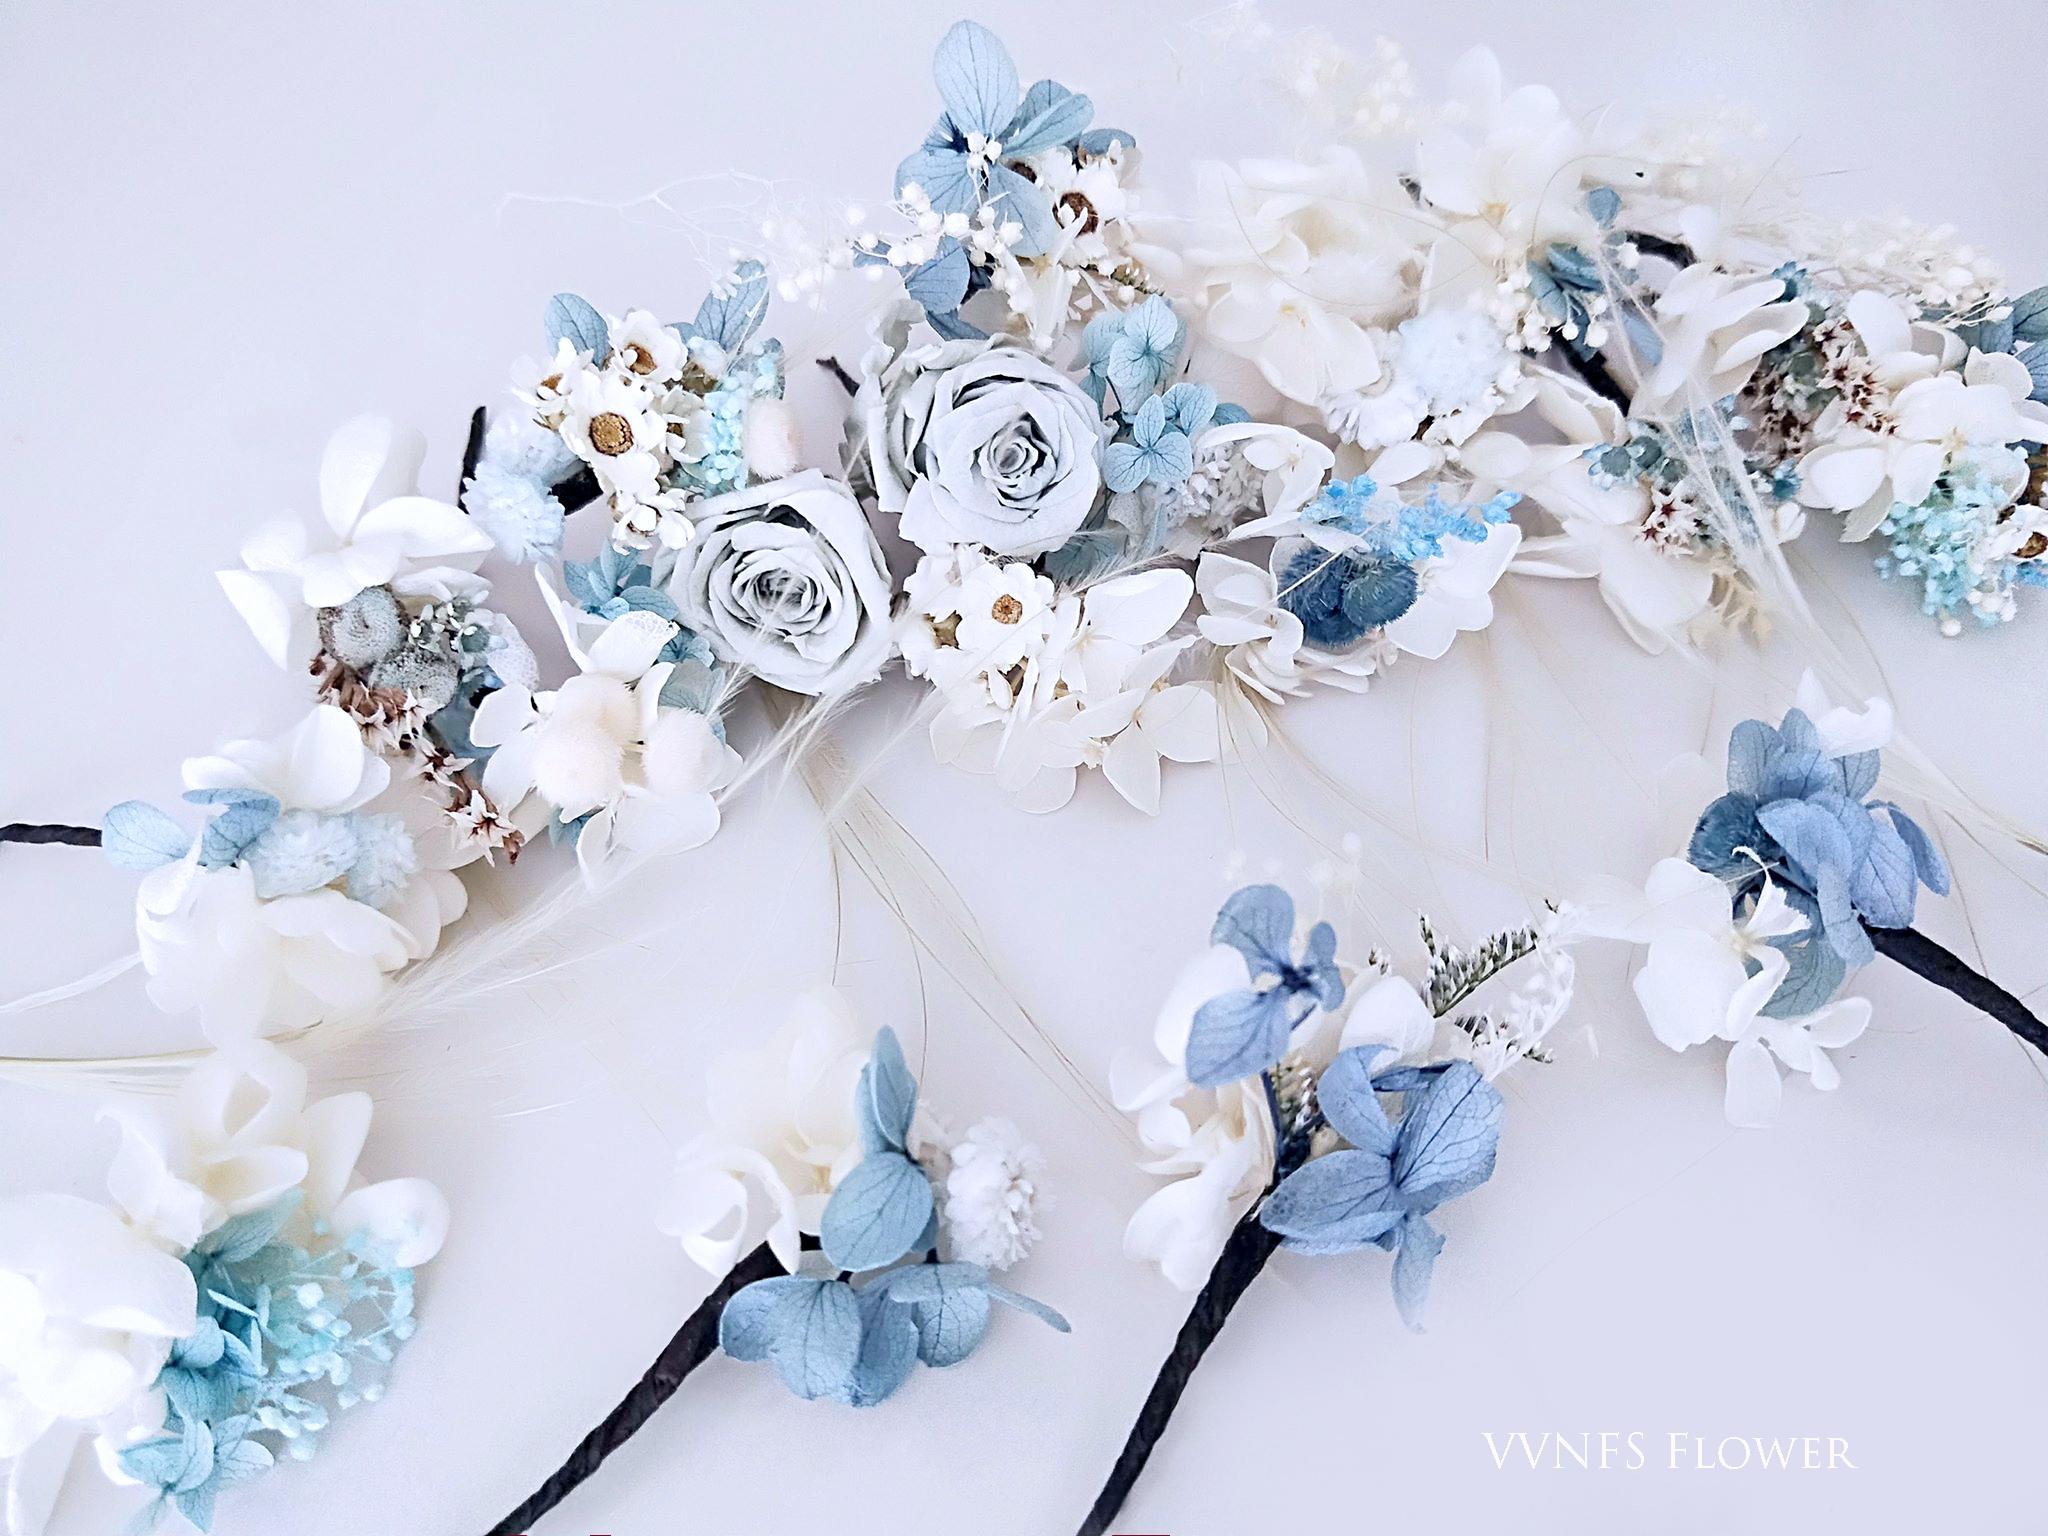 VVNFS Flower 20